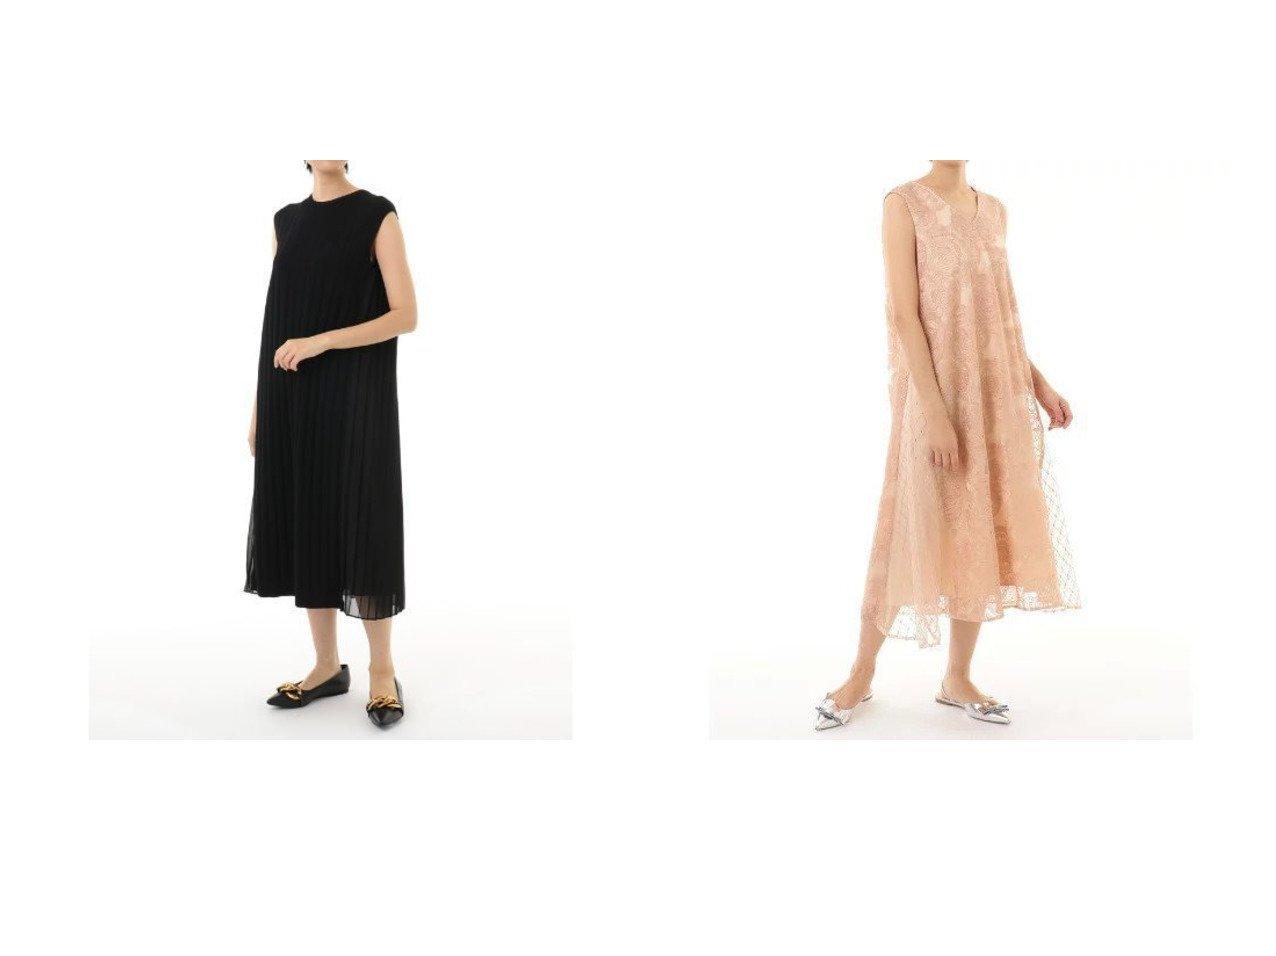 【GRACE CONTINENTAL/グレース コンチネンタル】のローズembコンビドレス&バックプリーツニットワンピース GRACE CONTINENTALのおすすめ!人気、トレンド・レディースファッションの通販  おすすめで人気の流行・トレンド、ファッションの通販商品 メンズファッション・キッズファッション・インテリア・家具・レディースファッション・服の通販 founy(ファニー) https://founy.com/ ファッション Fashion レディースファッション WOMEN ワンピース Dress ニットワンピース Knit Dresses ドレス Party Dresses コンビ ドレス フォーマル ローズ |ID:crp329100000019414